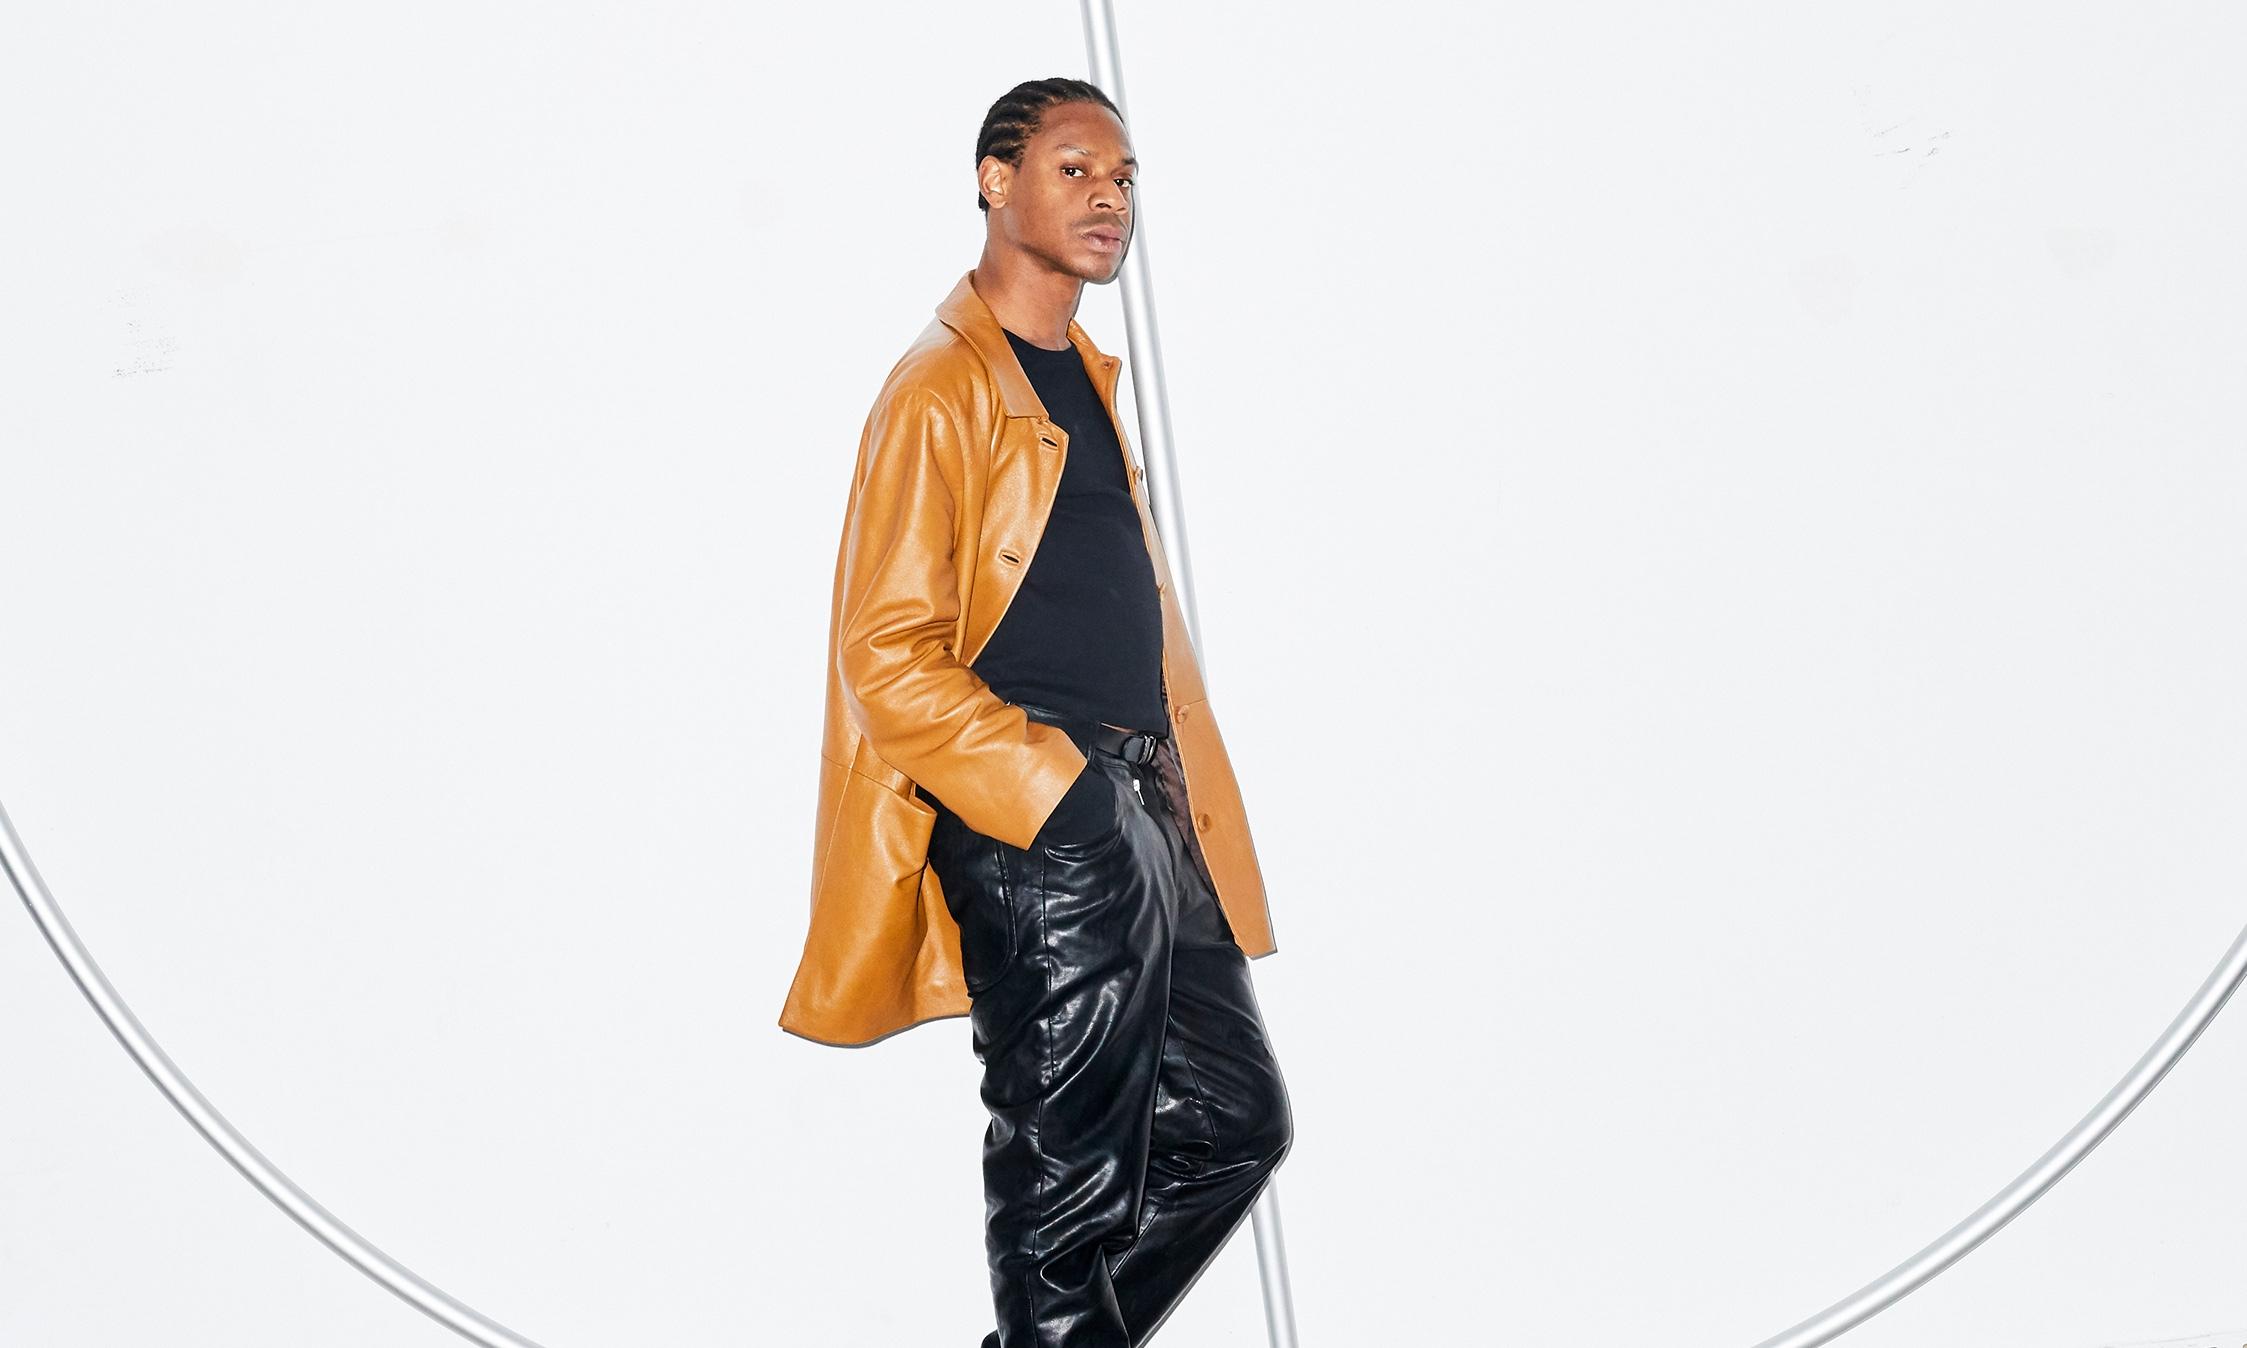 Telfar 将作为「特别项目」于 Pitti Uomo 97 发布全新服装系列